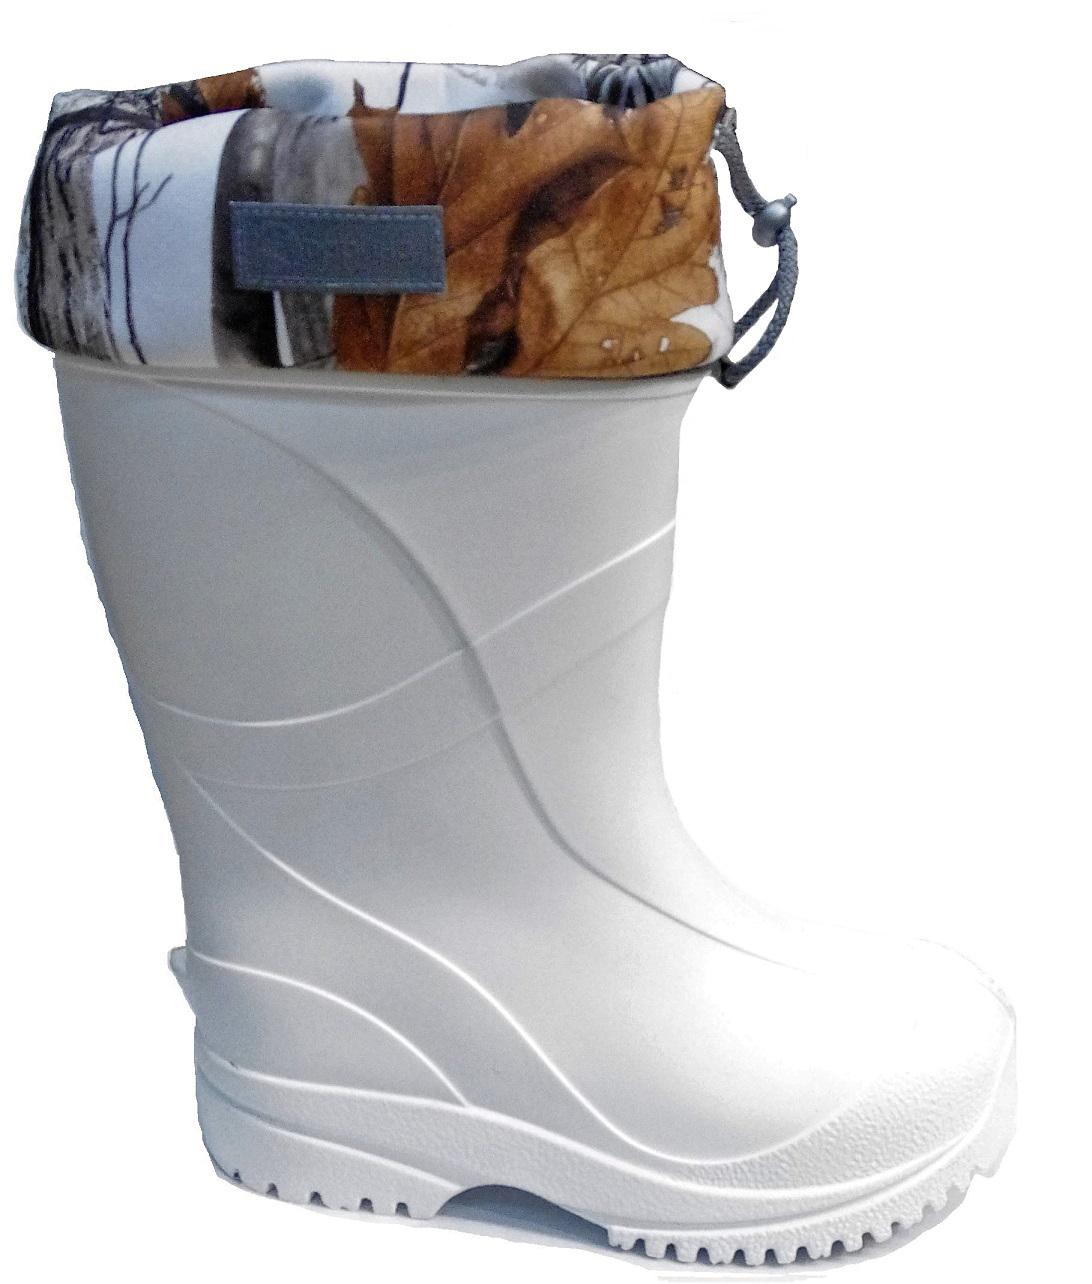 Сапоги зимние мужские Дарина Иваныч, цвет: белый. Размер 45-46. УТ000026762